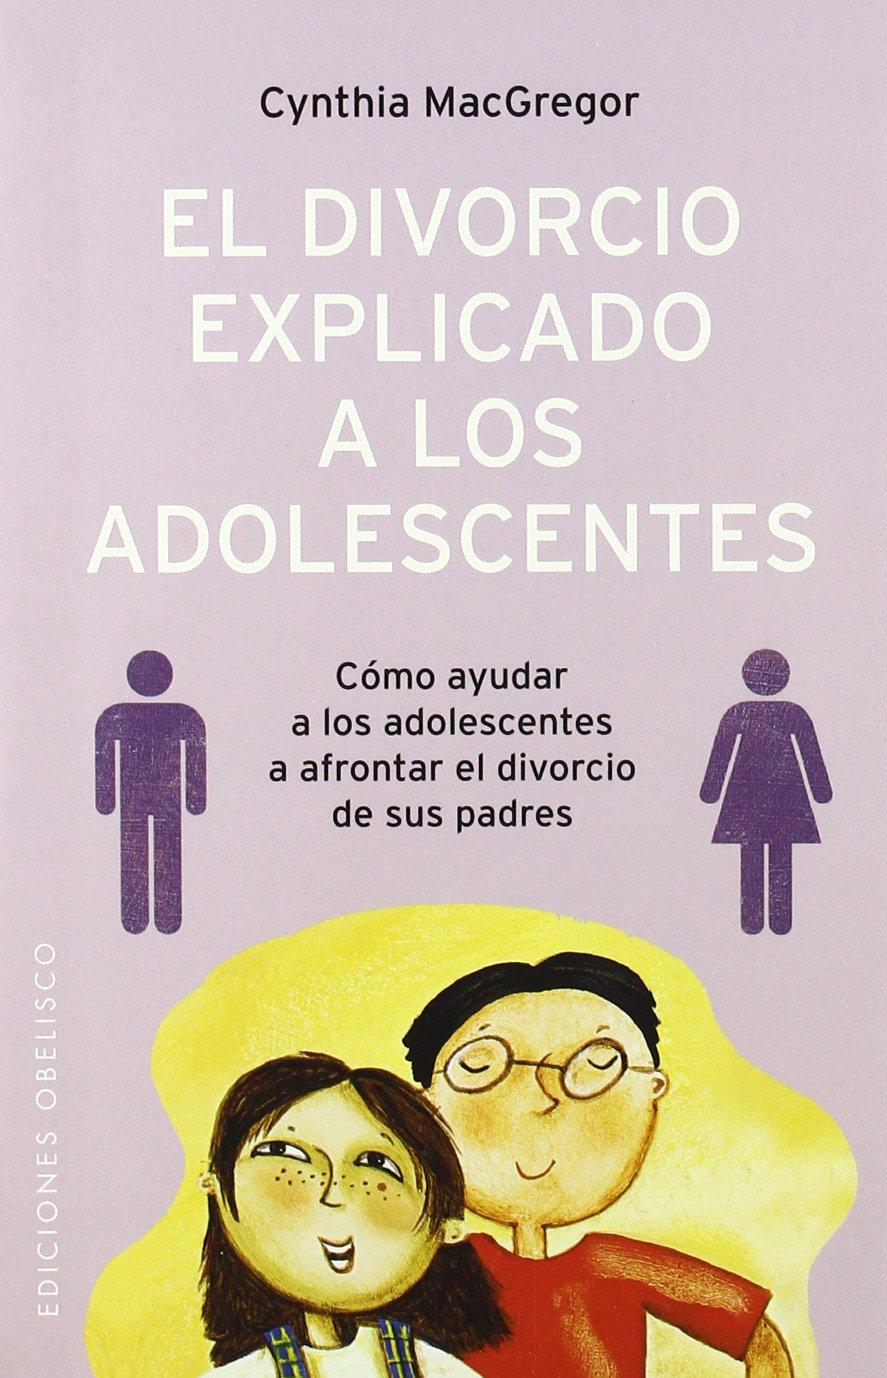 El divorcio explicado a los adolescentes (NUEVA CONSCIENCIA)